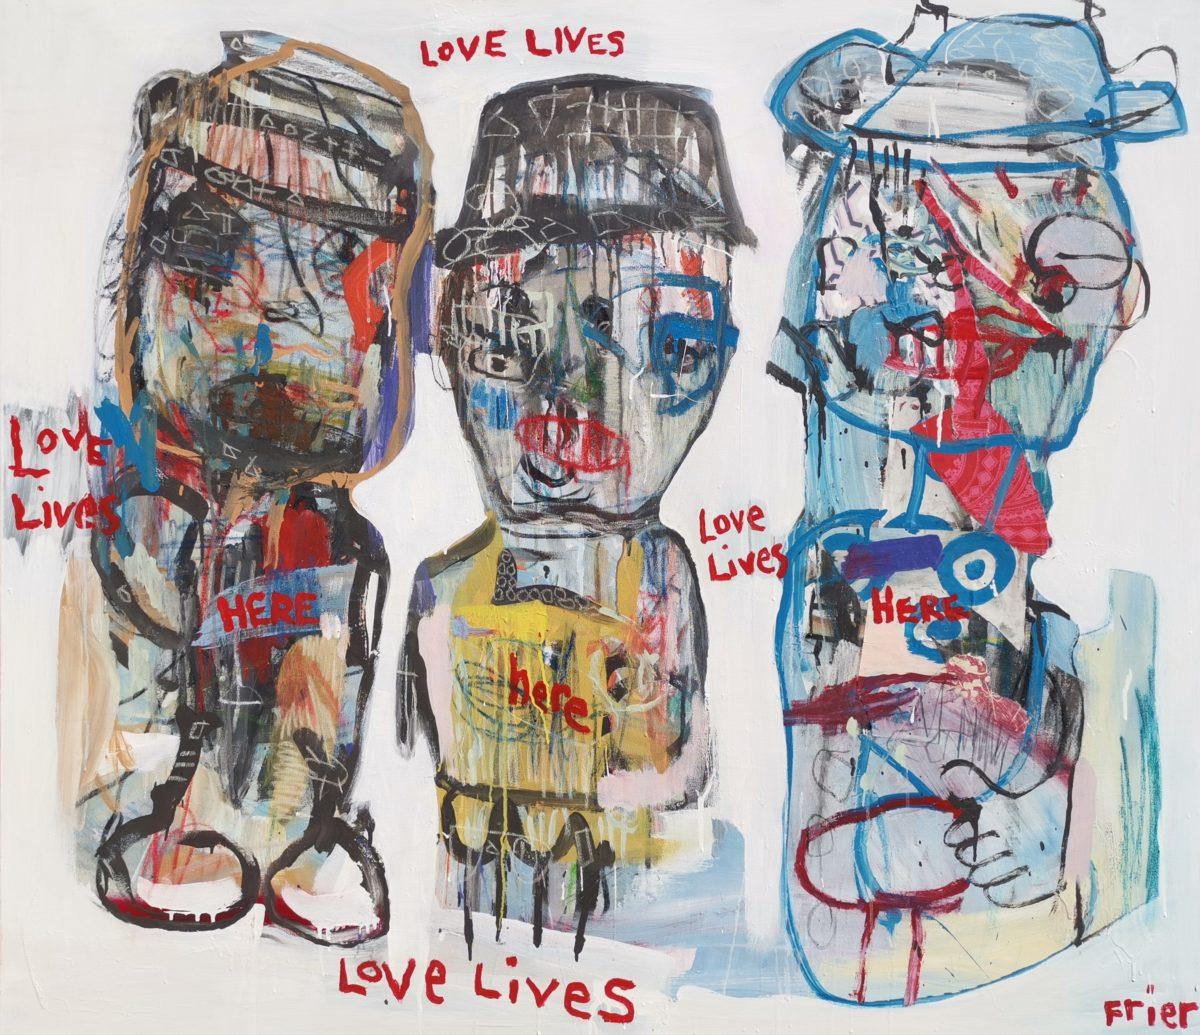 Juanita Frier - LOVE LIVES HERE